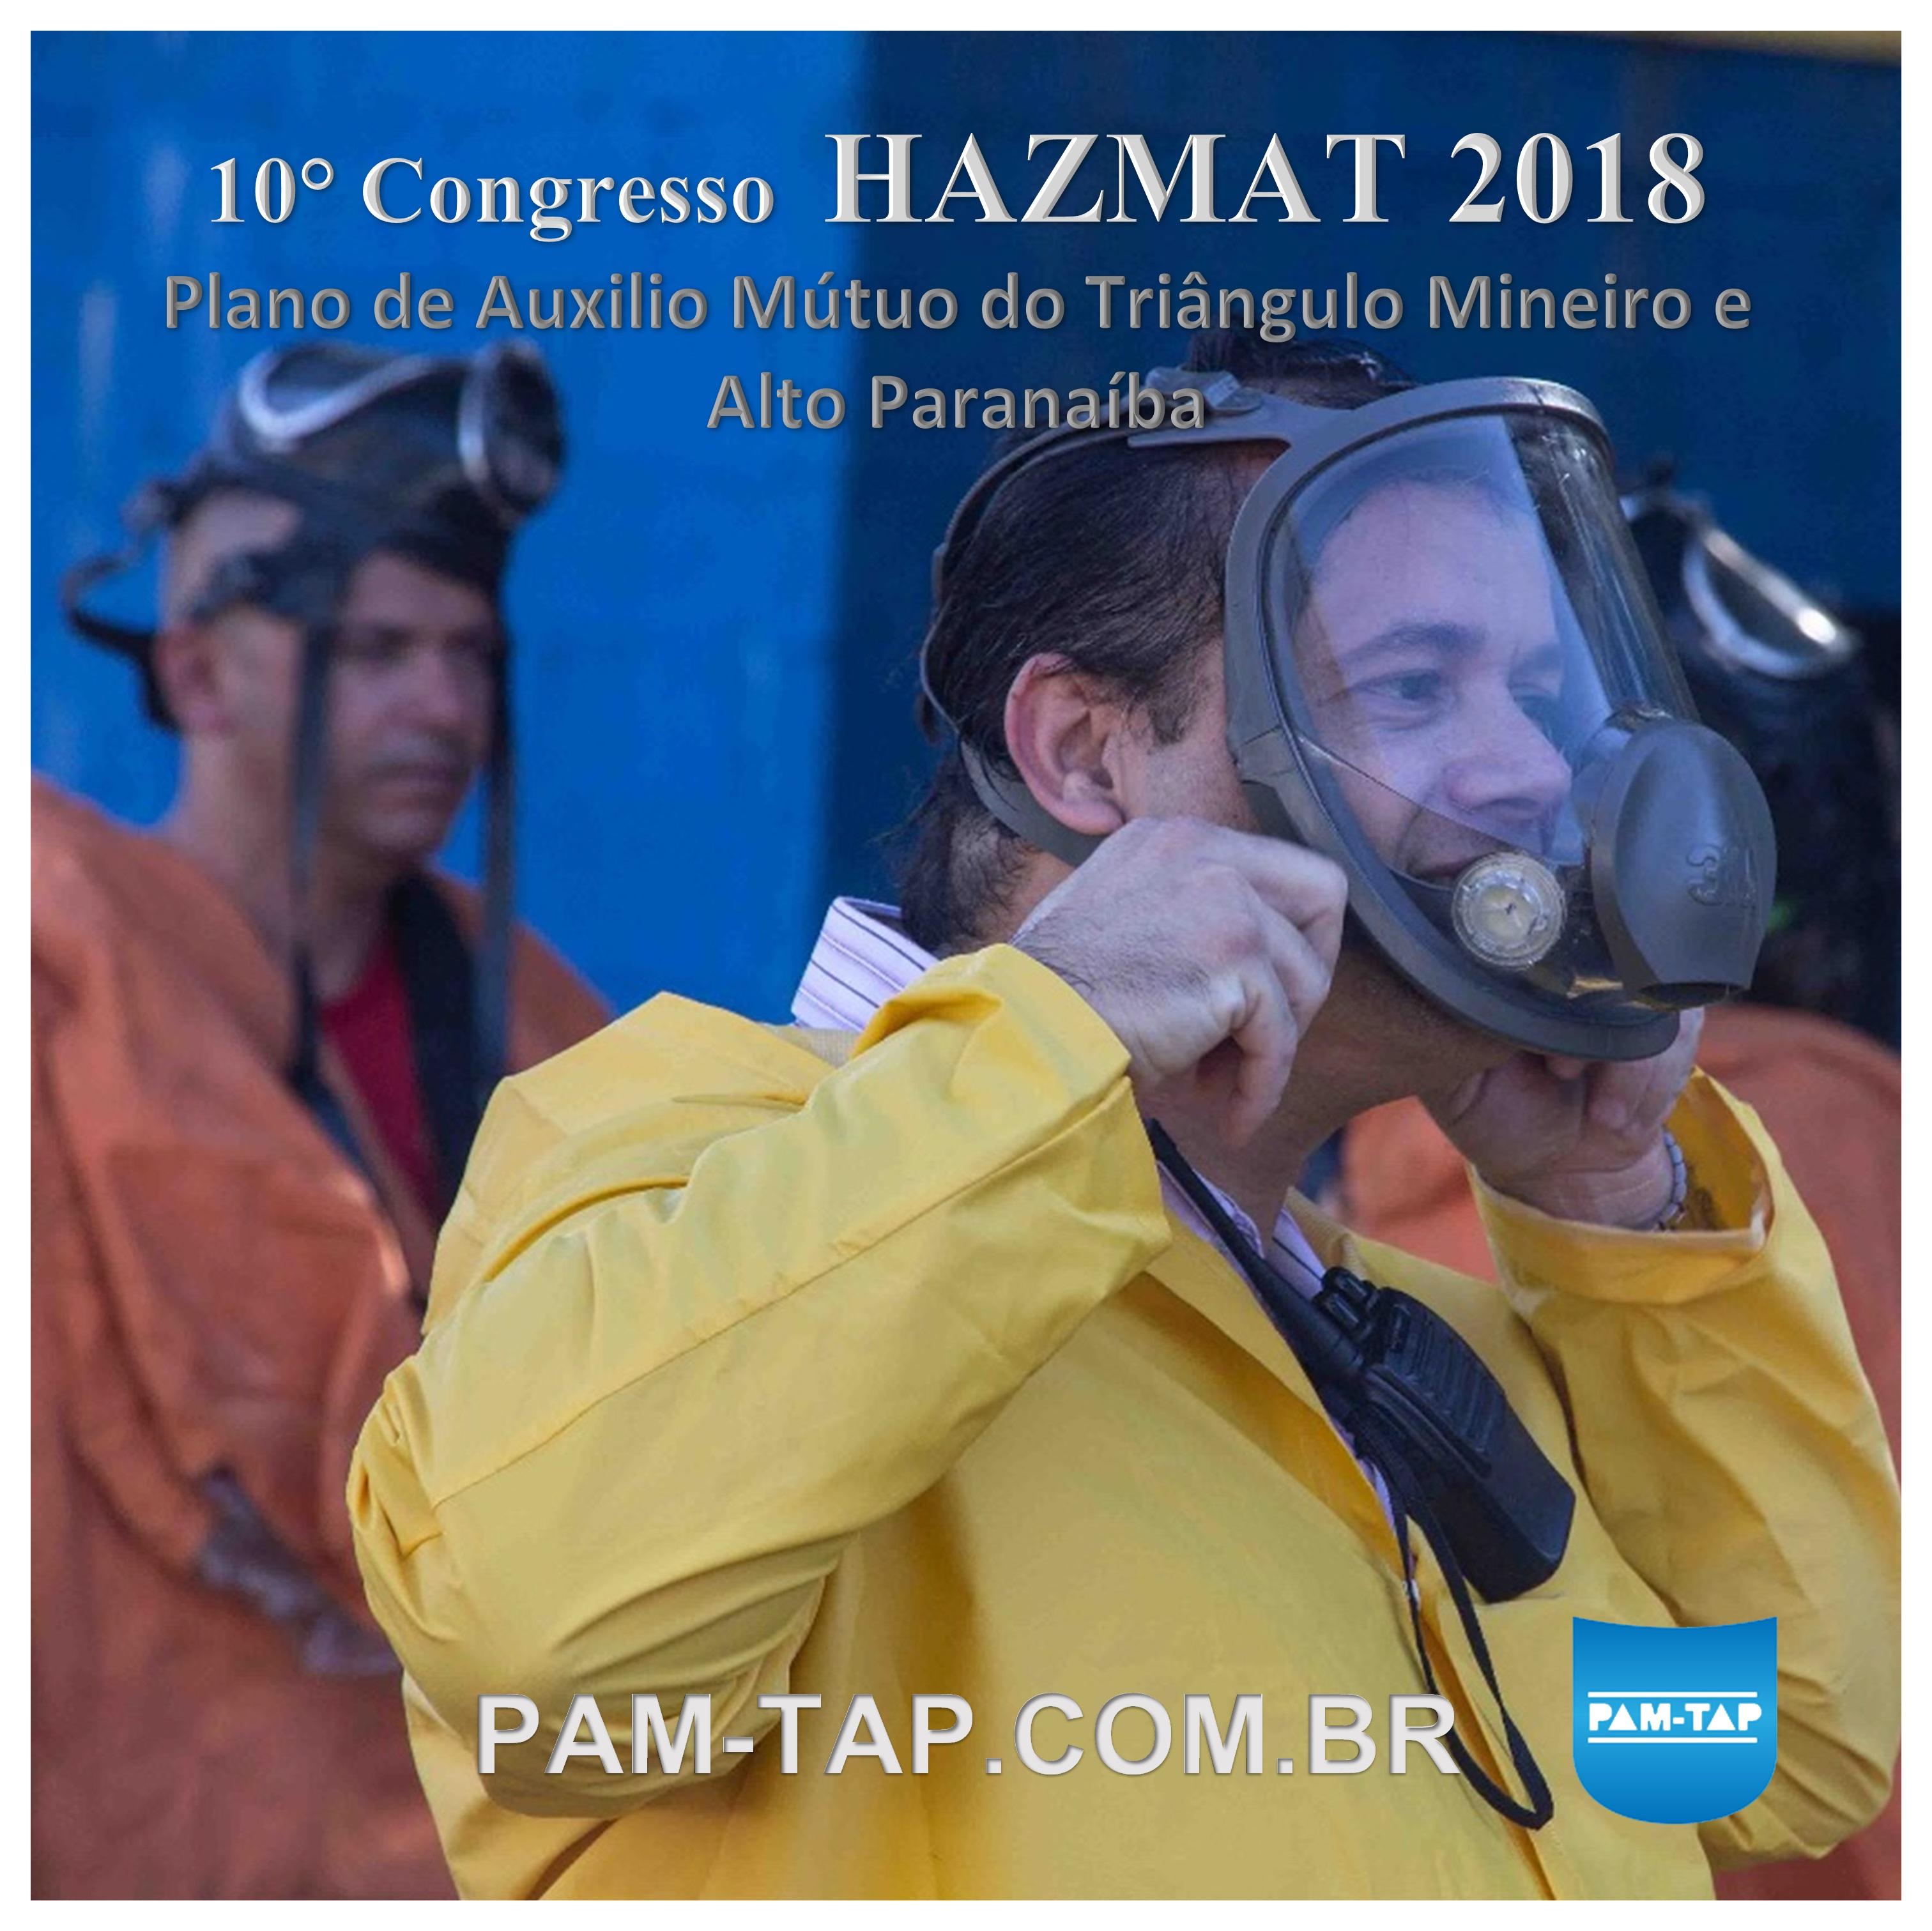 PAM-TAP HAZMAT 2018 UNEDI NEPIS UNIUBE UBERLANDIA RESGATECNICA GRUPO DECIO